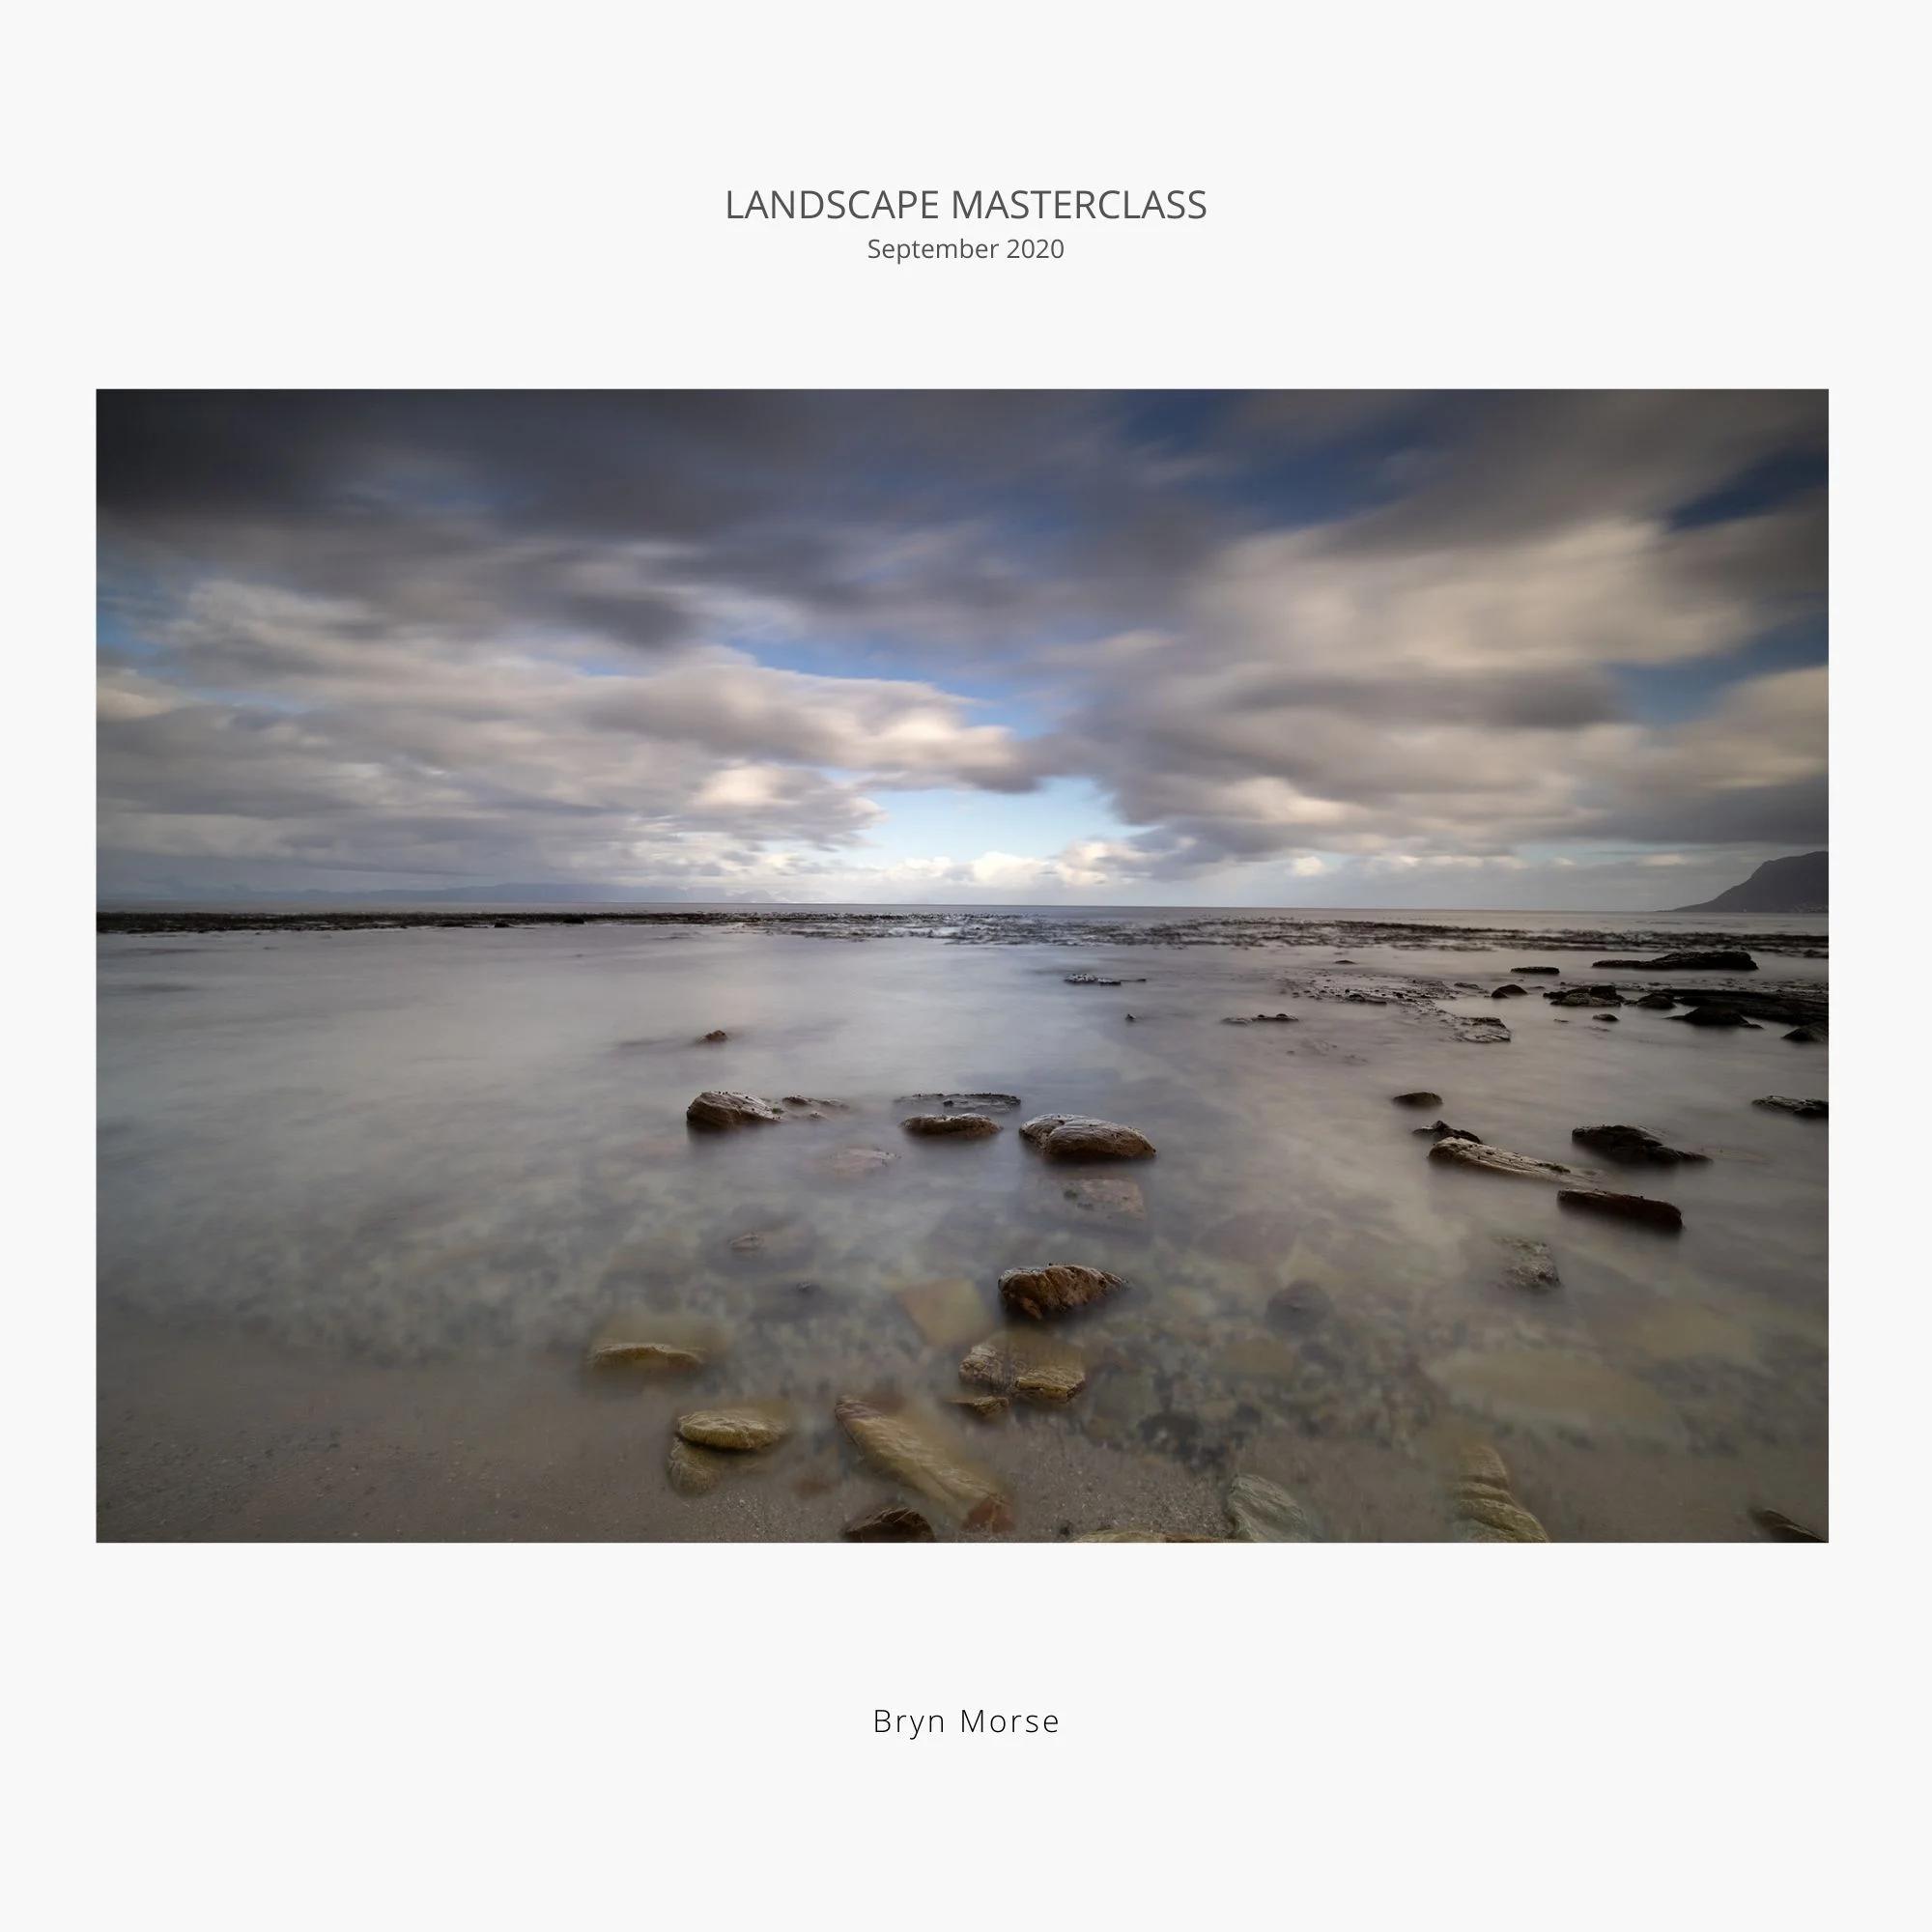 Landscape Photograph by Bryn Morse